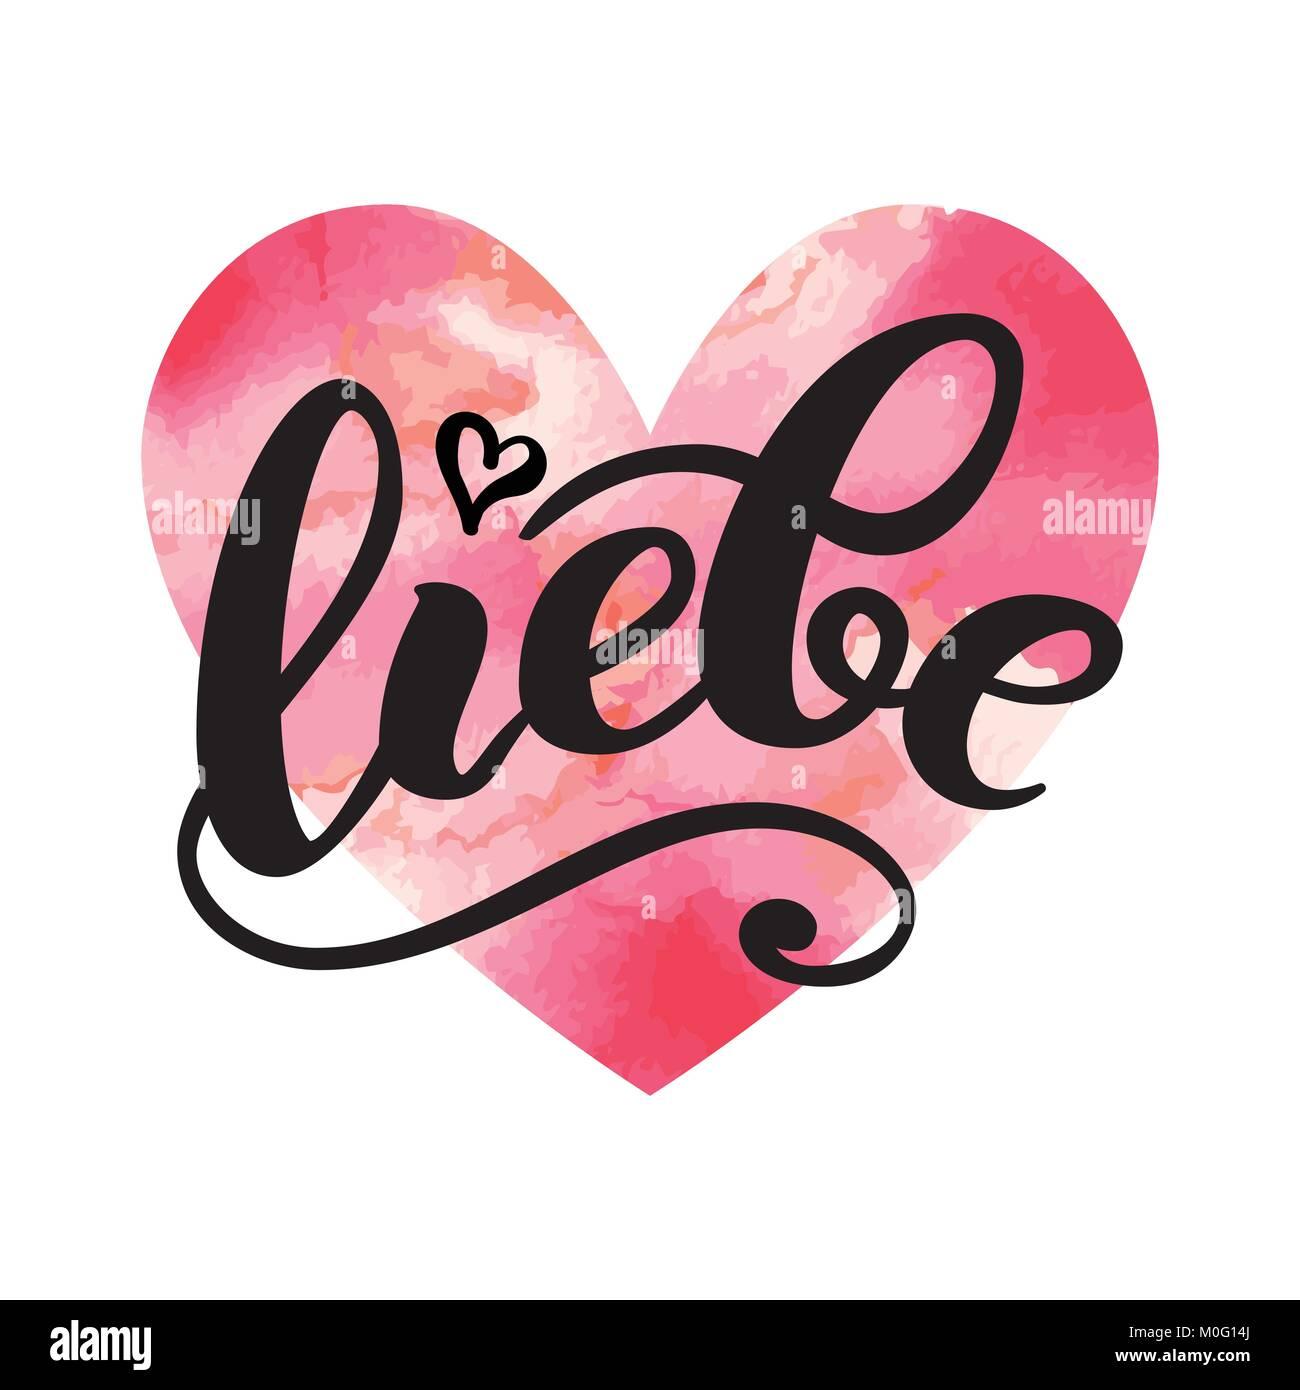 Liebe Love In German Happy Valentines Day Card Hand Written